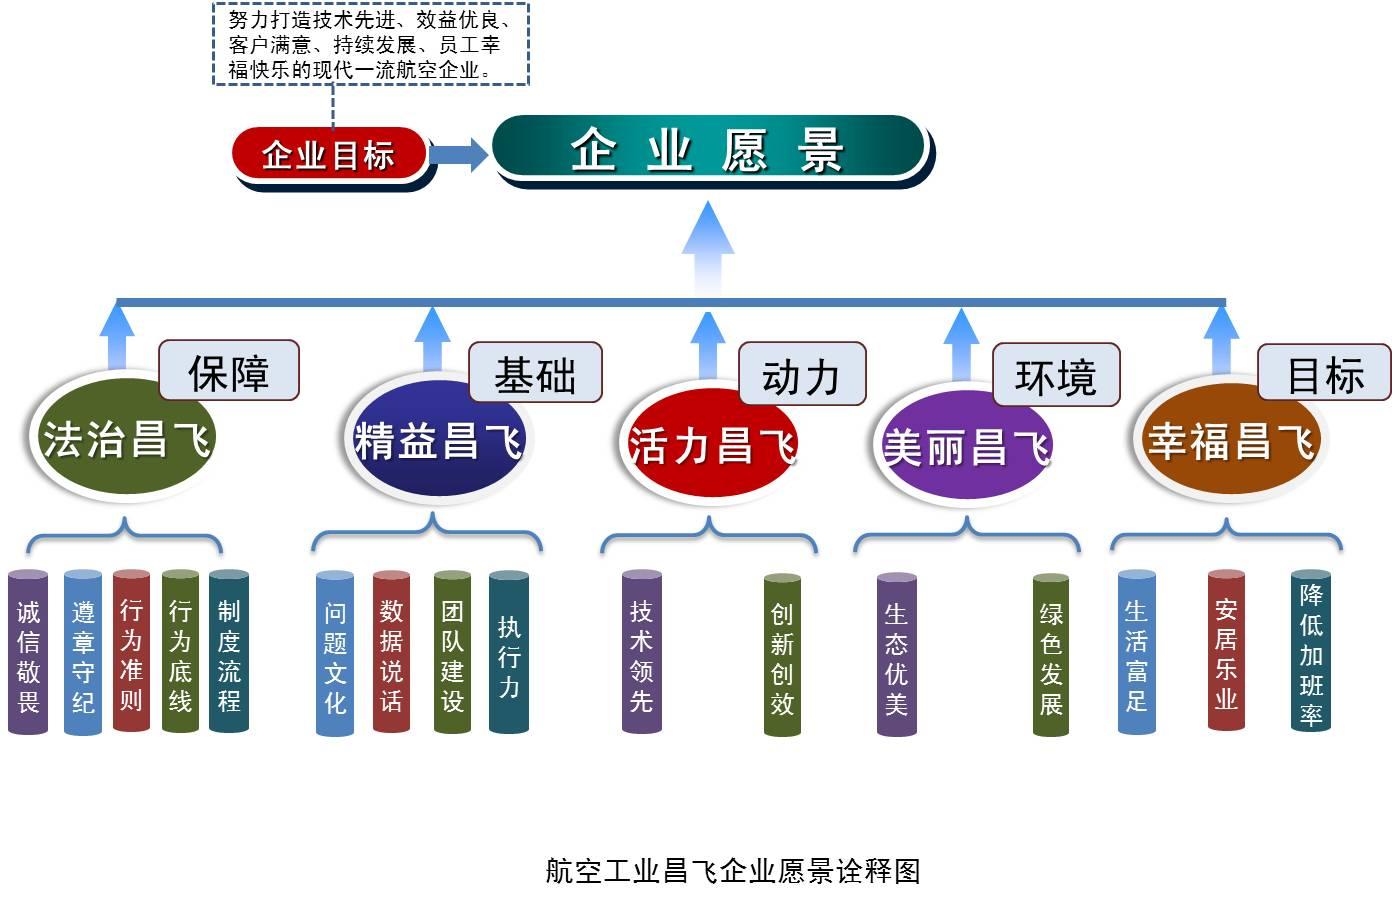 企业愿景(公开).jpg